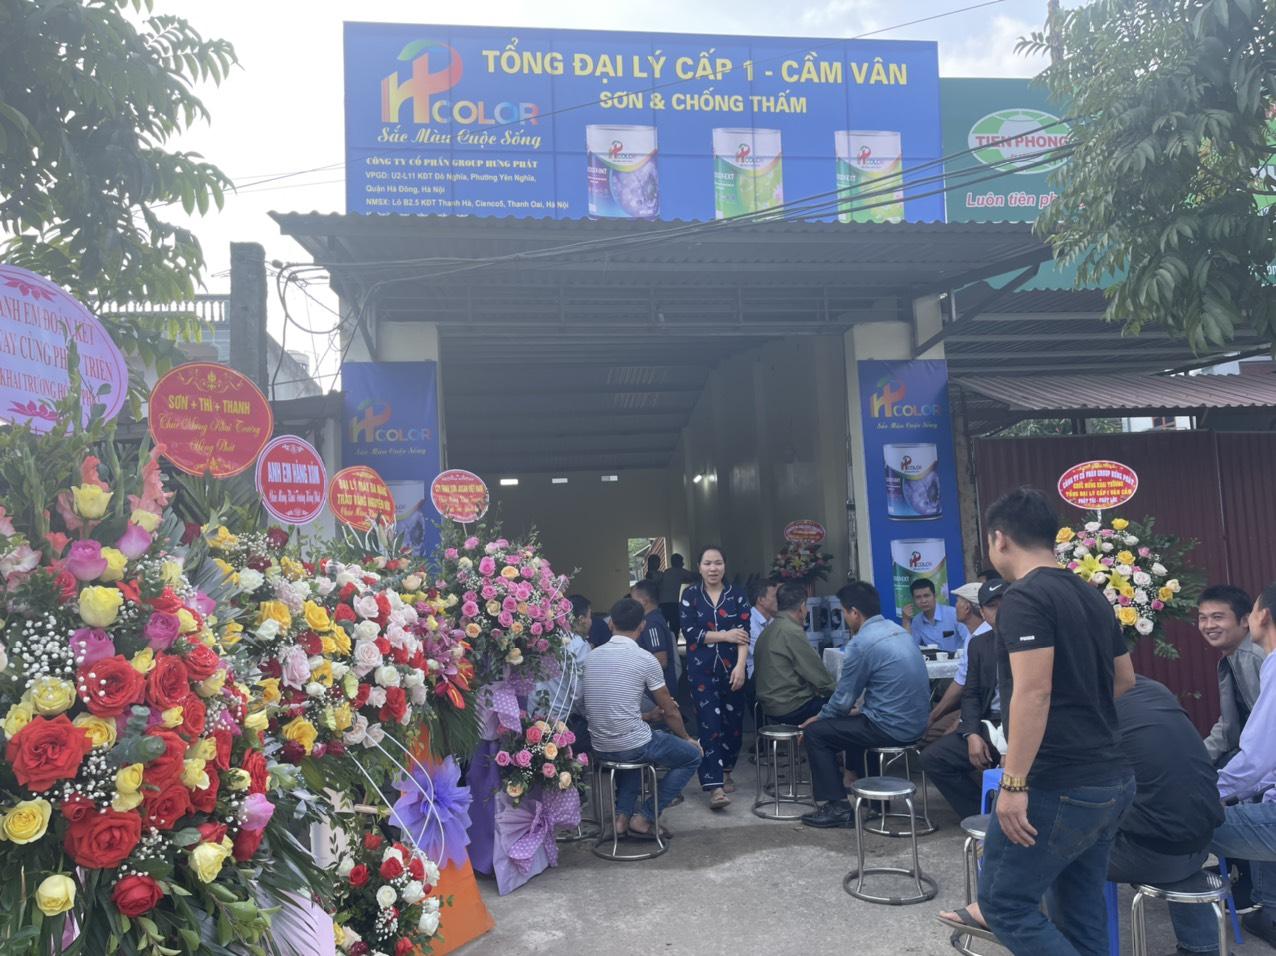 khai trương cơ sở mới Cầm Vân